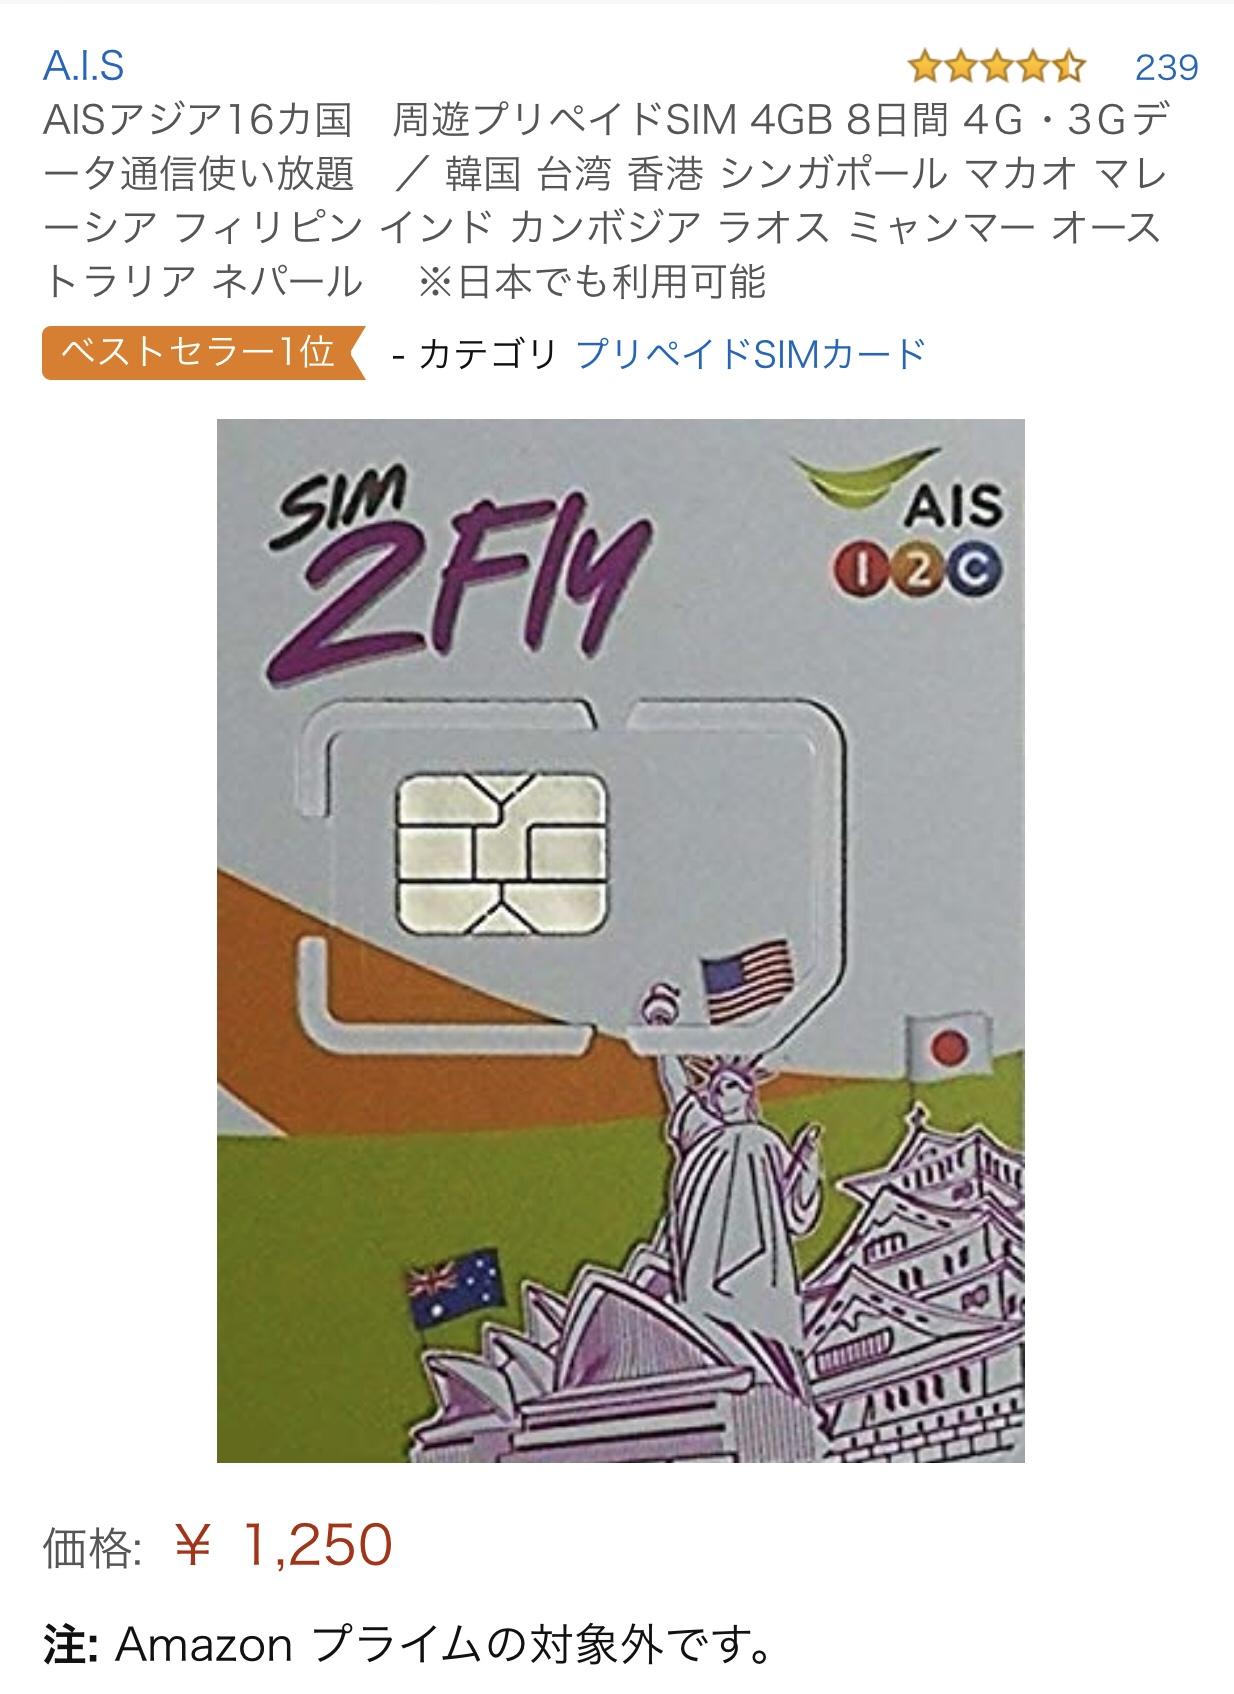 香港・ジャカルタでは、SIMカードを準備